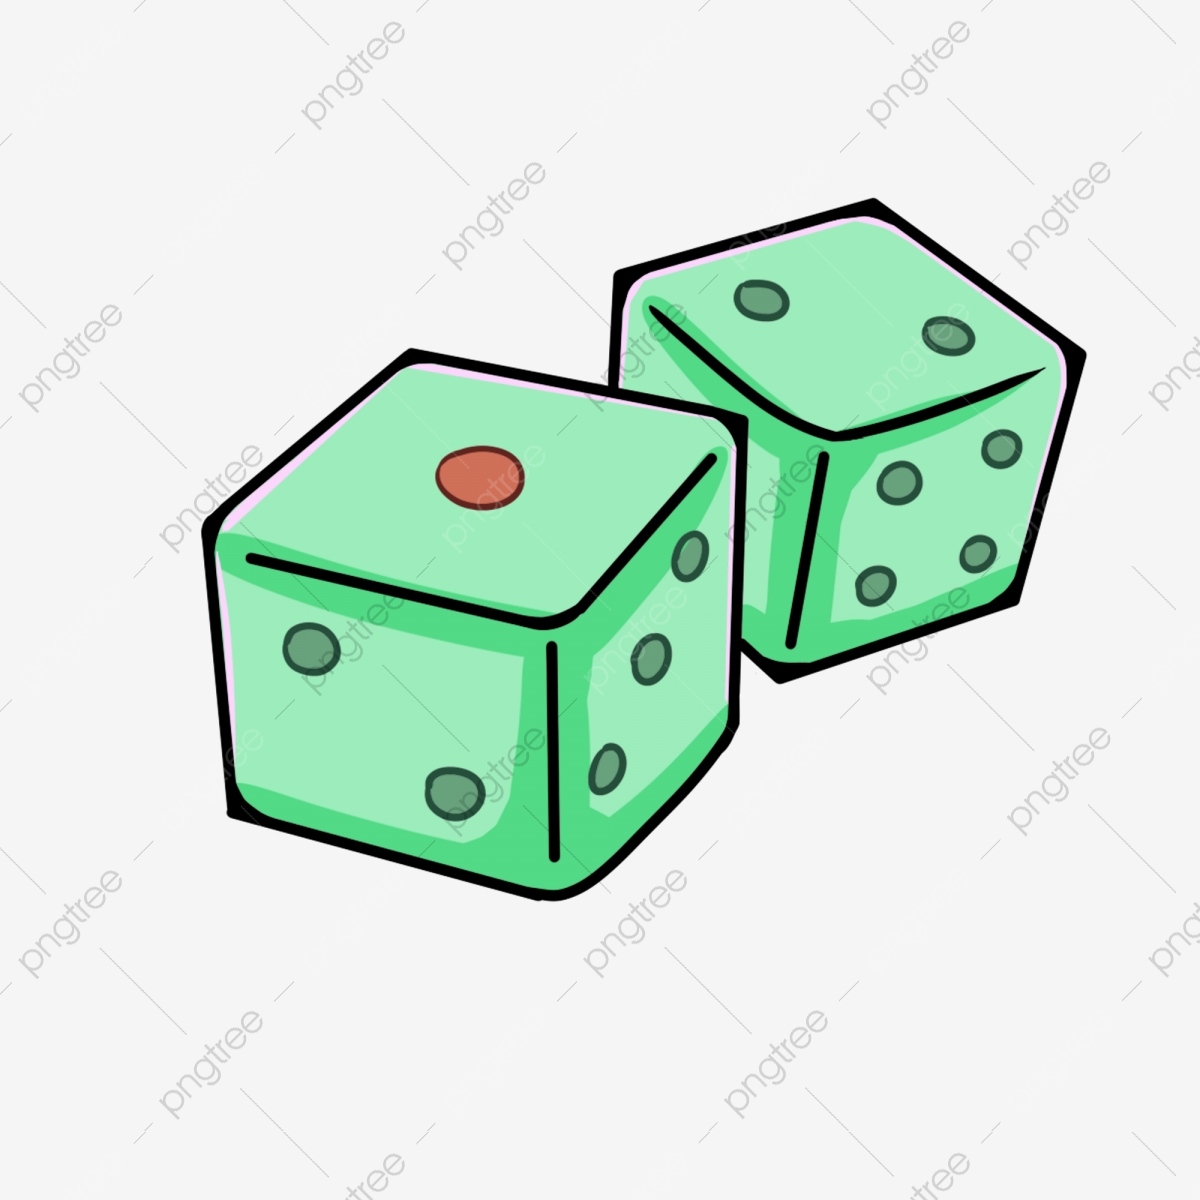 des cartes de jeu de d u00e9s cartes  u00e0 jouer les d u00e9s jeu png et vecteur pour t u00e9l u00e9chargement gratuit